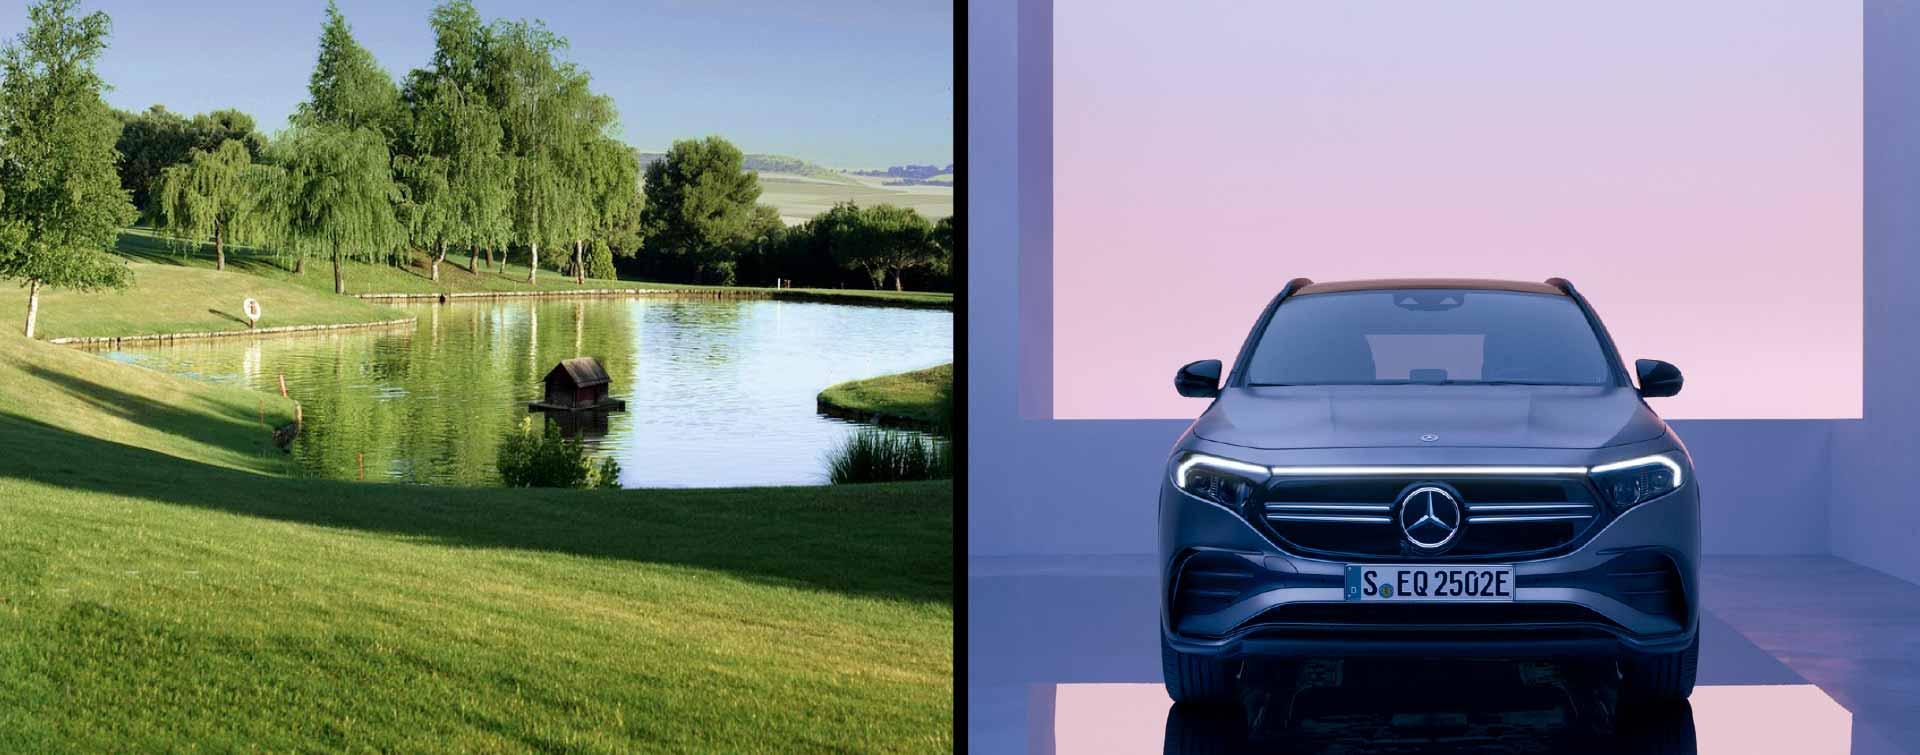 Cabecera para el Torneo EQA Adarsa Mercedes-Benz de golf de mayo de 2021